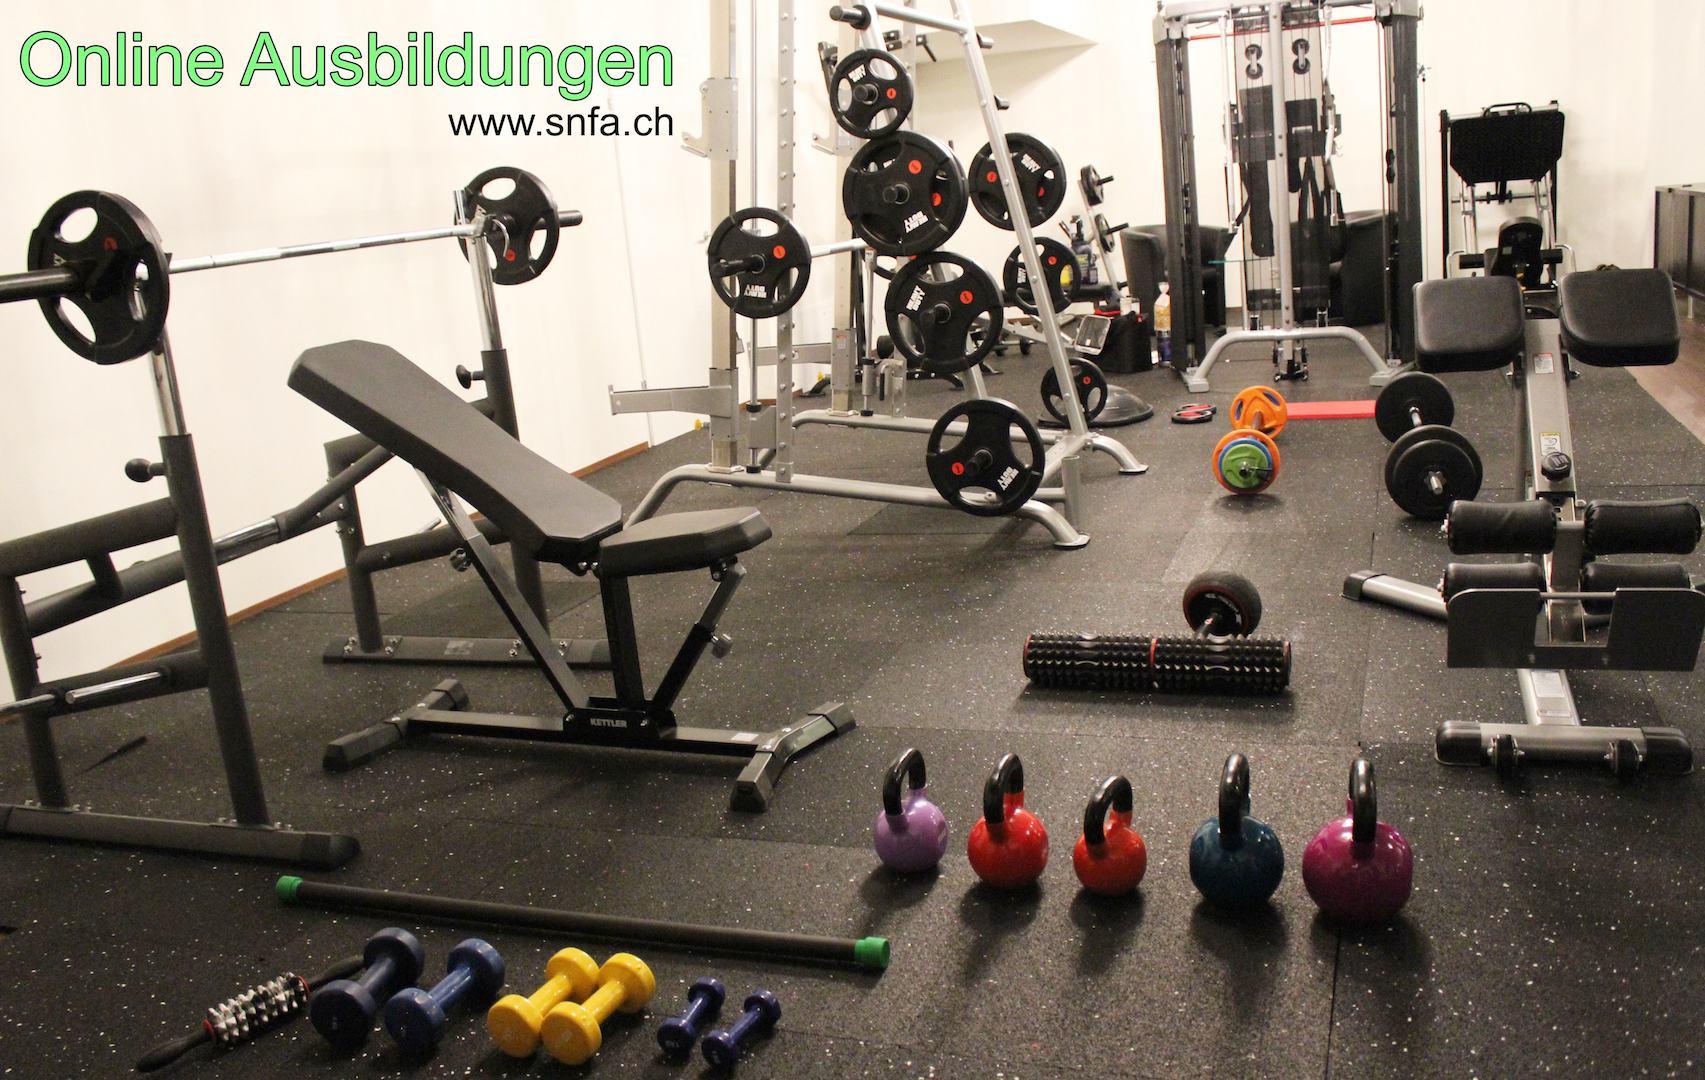 fitness coach ausbildung